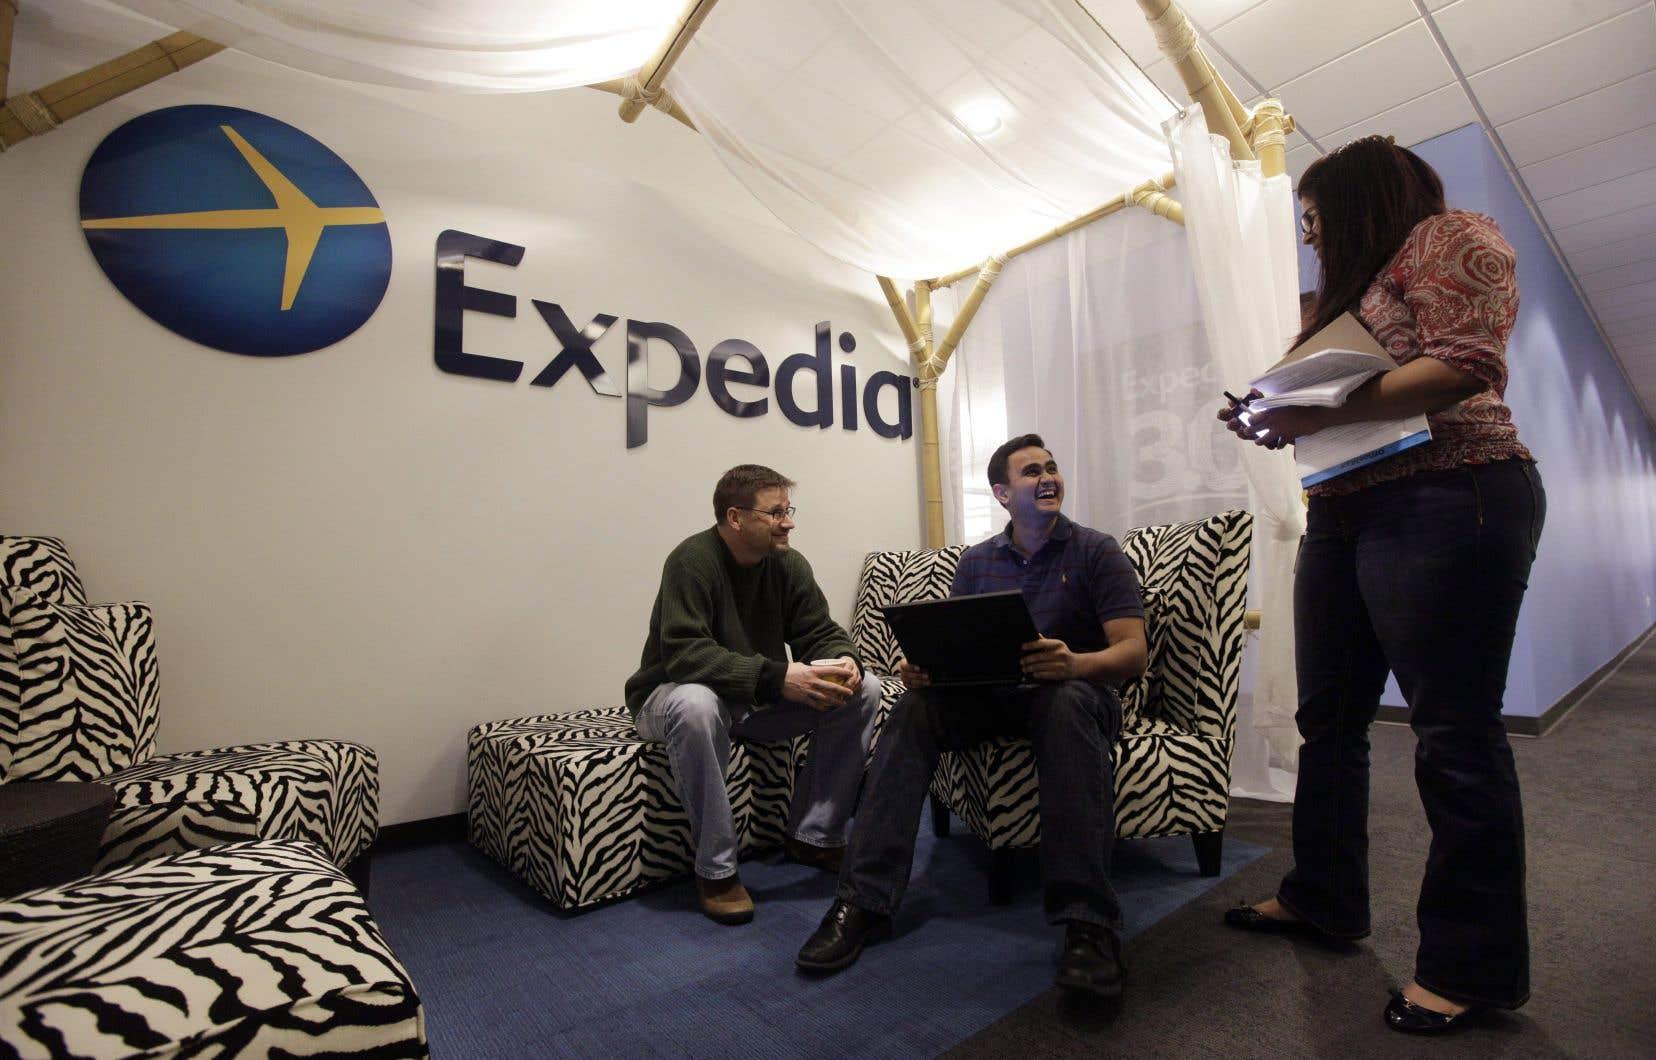 Des centaines de milliers de Québécois pourraient être dédommagés après avoir payé des frais dissimulés par les sites de réservation comme Expedia.